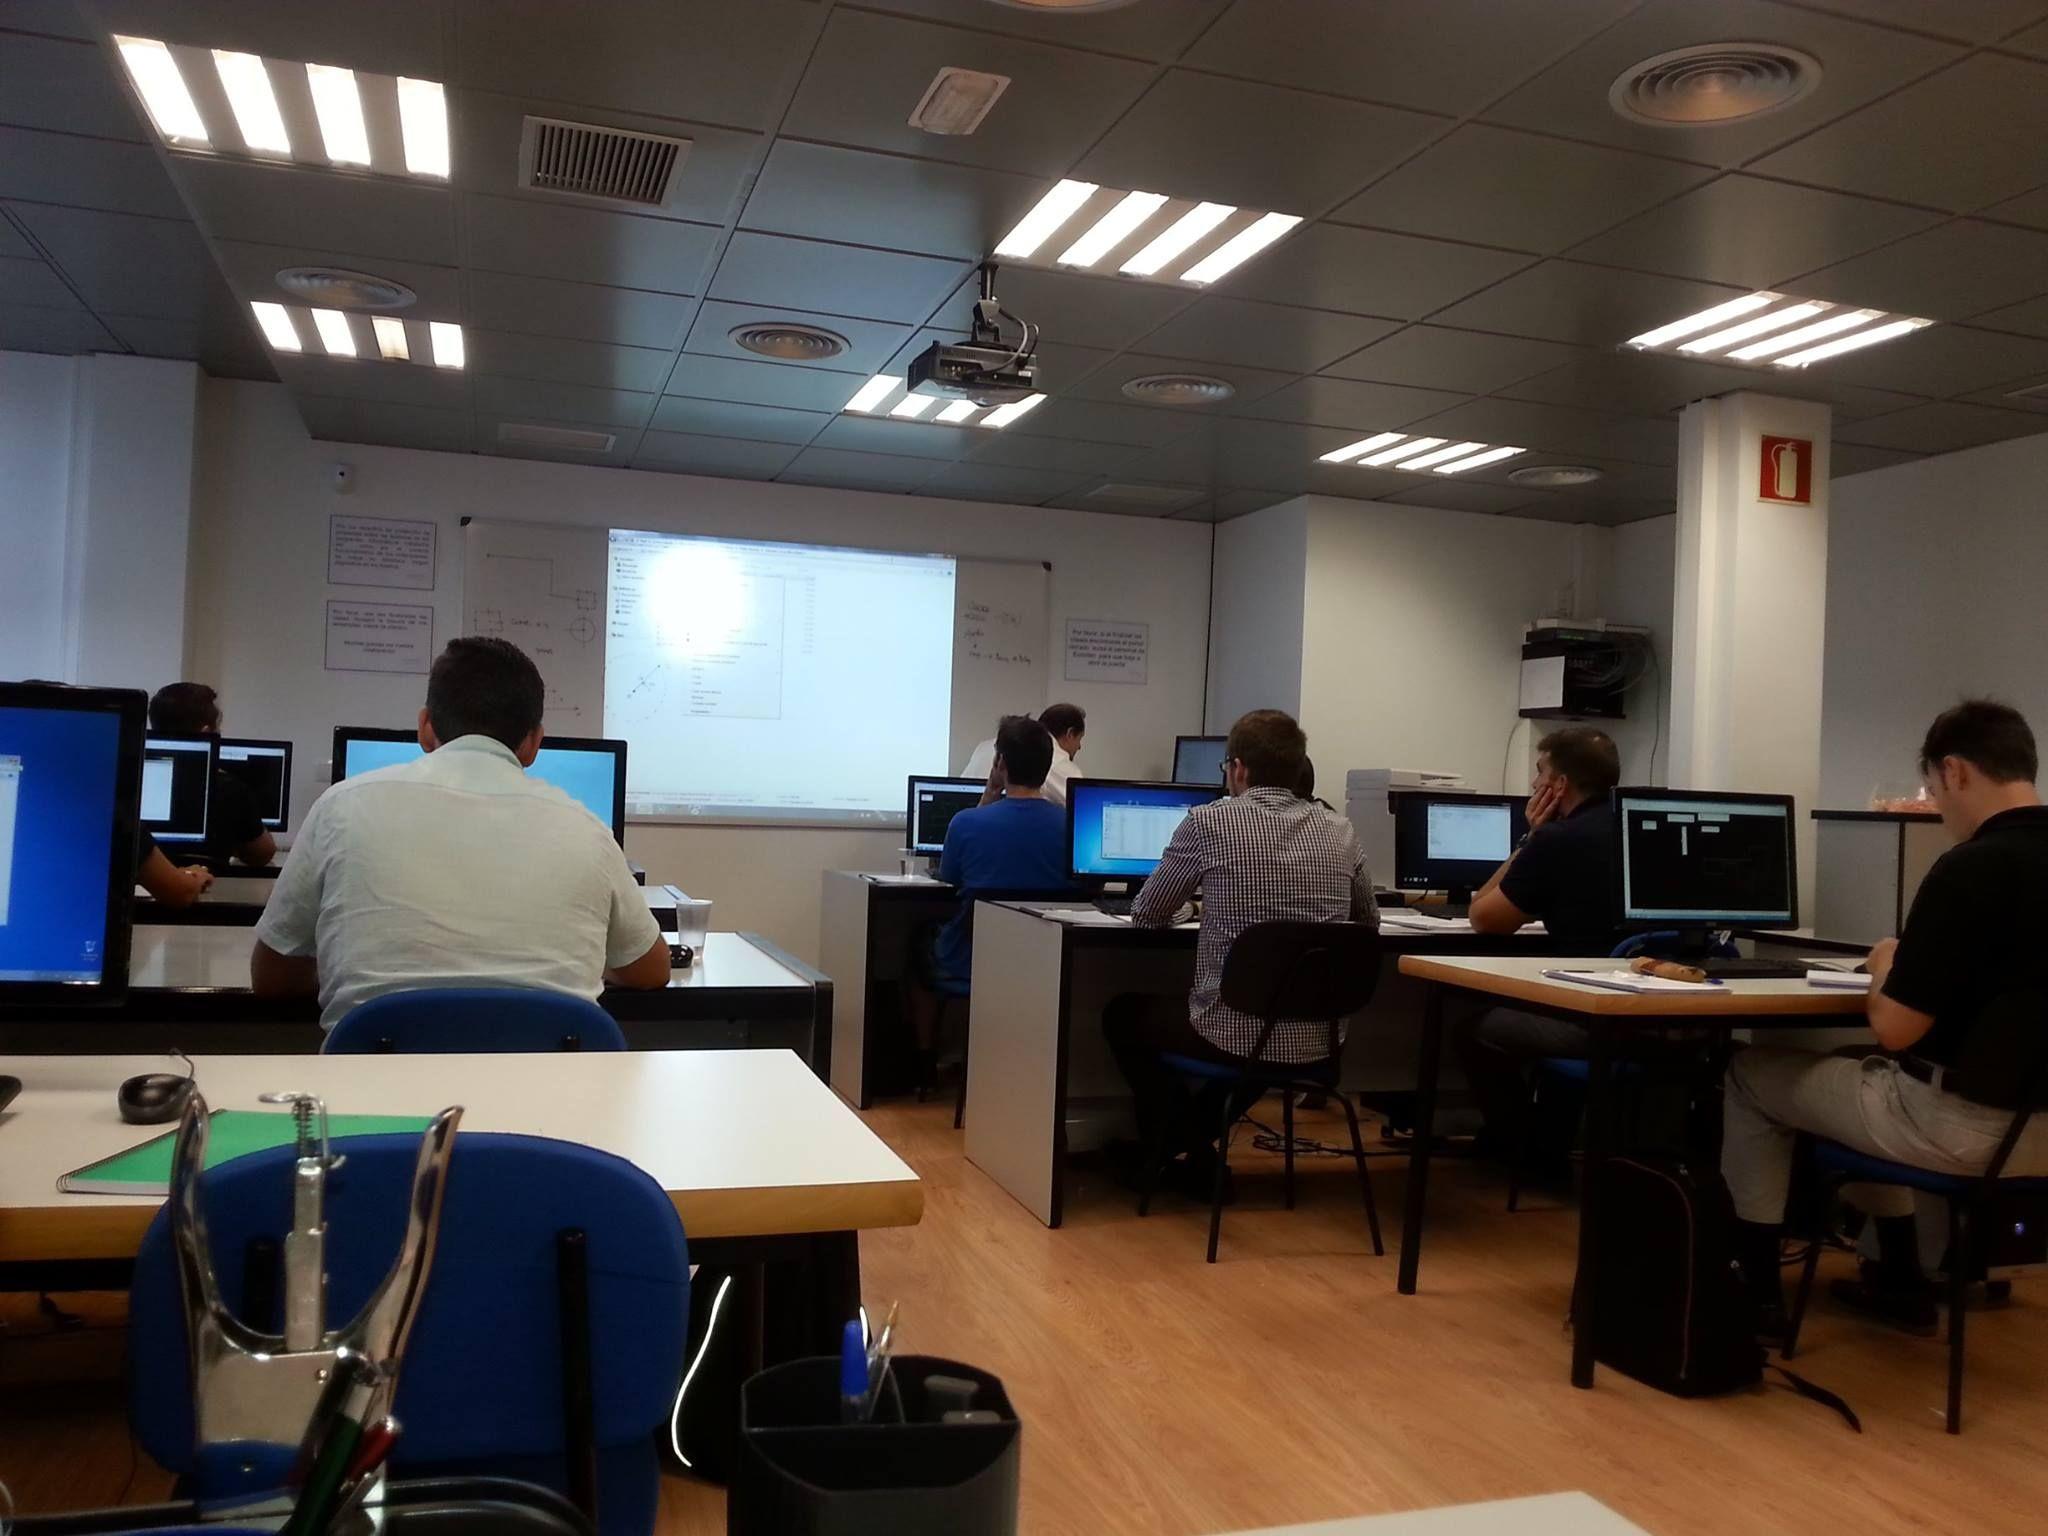 Curso de #Microstation www.euroden3d.com #Formación #Ingeniería